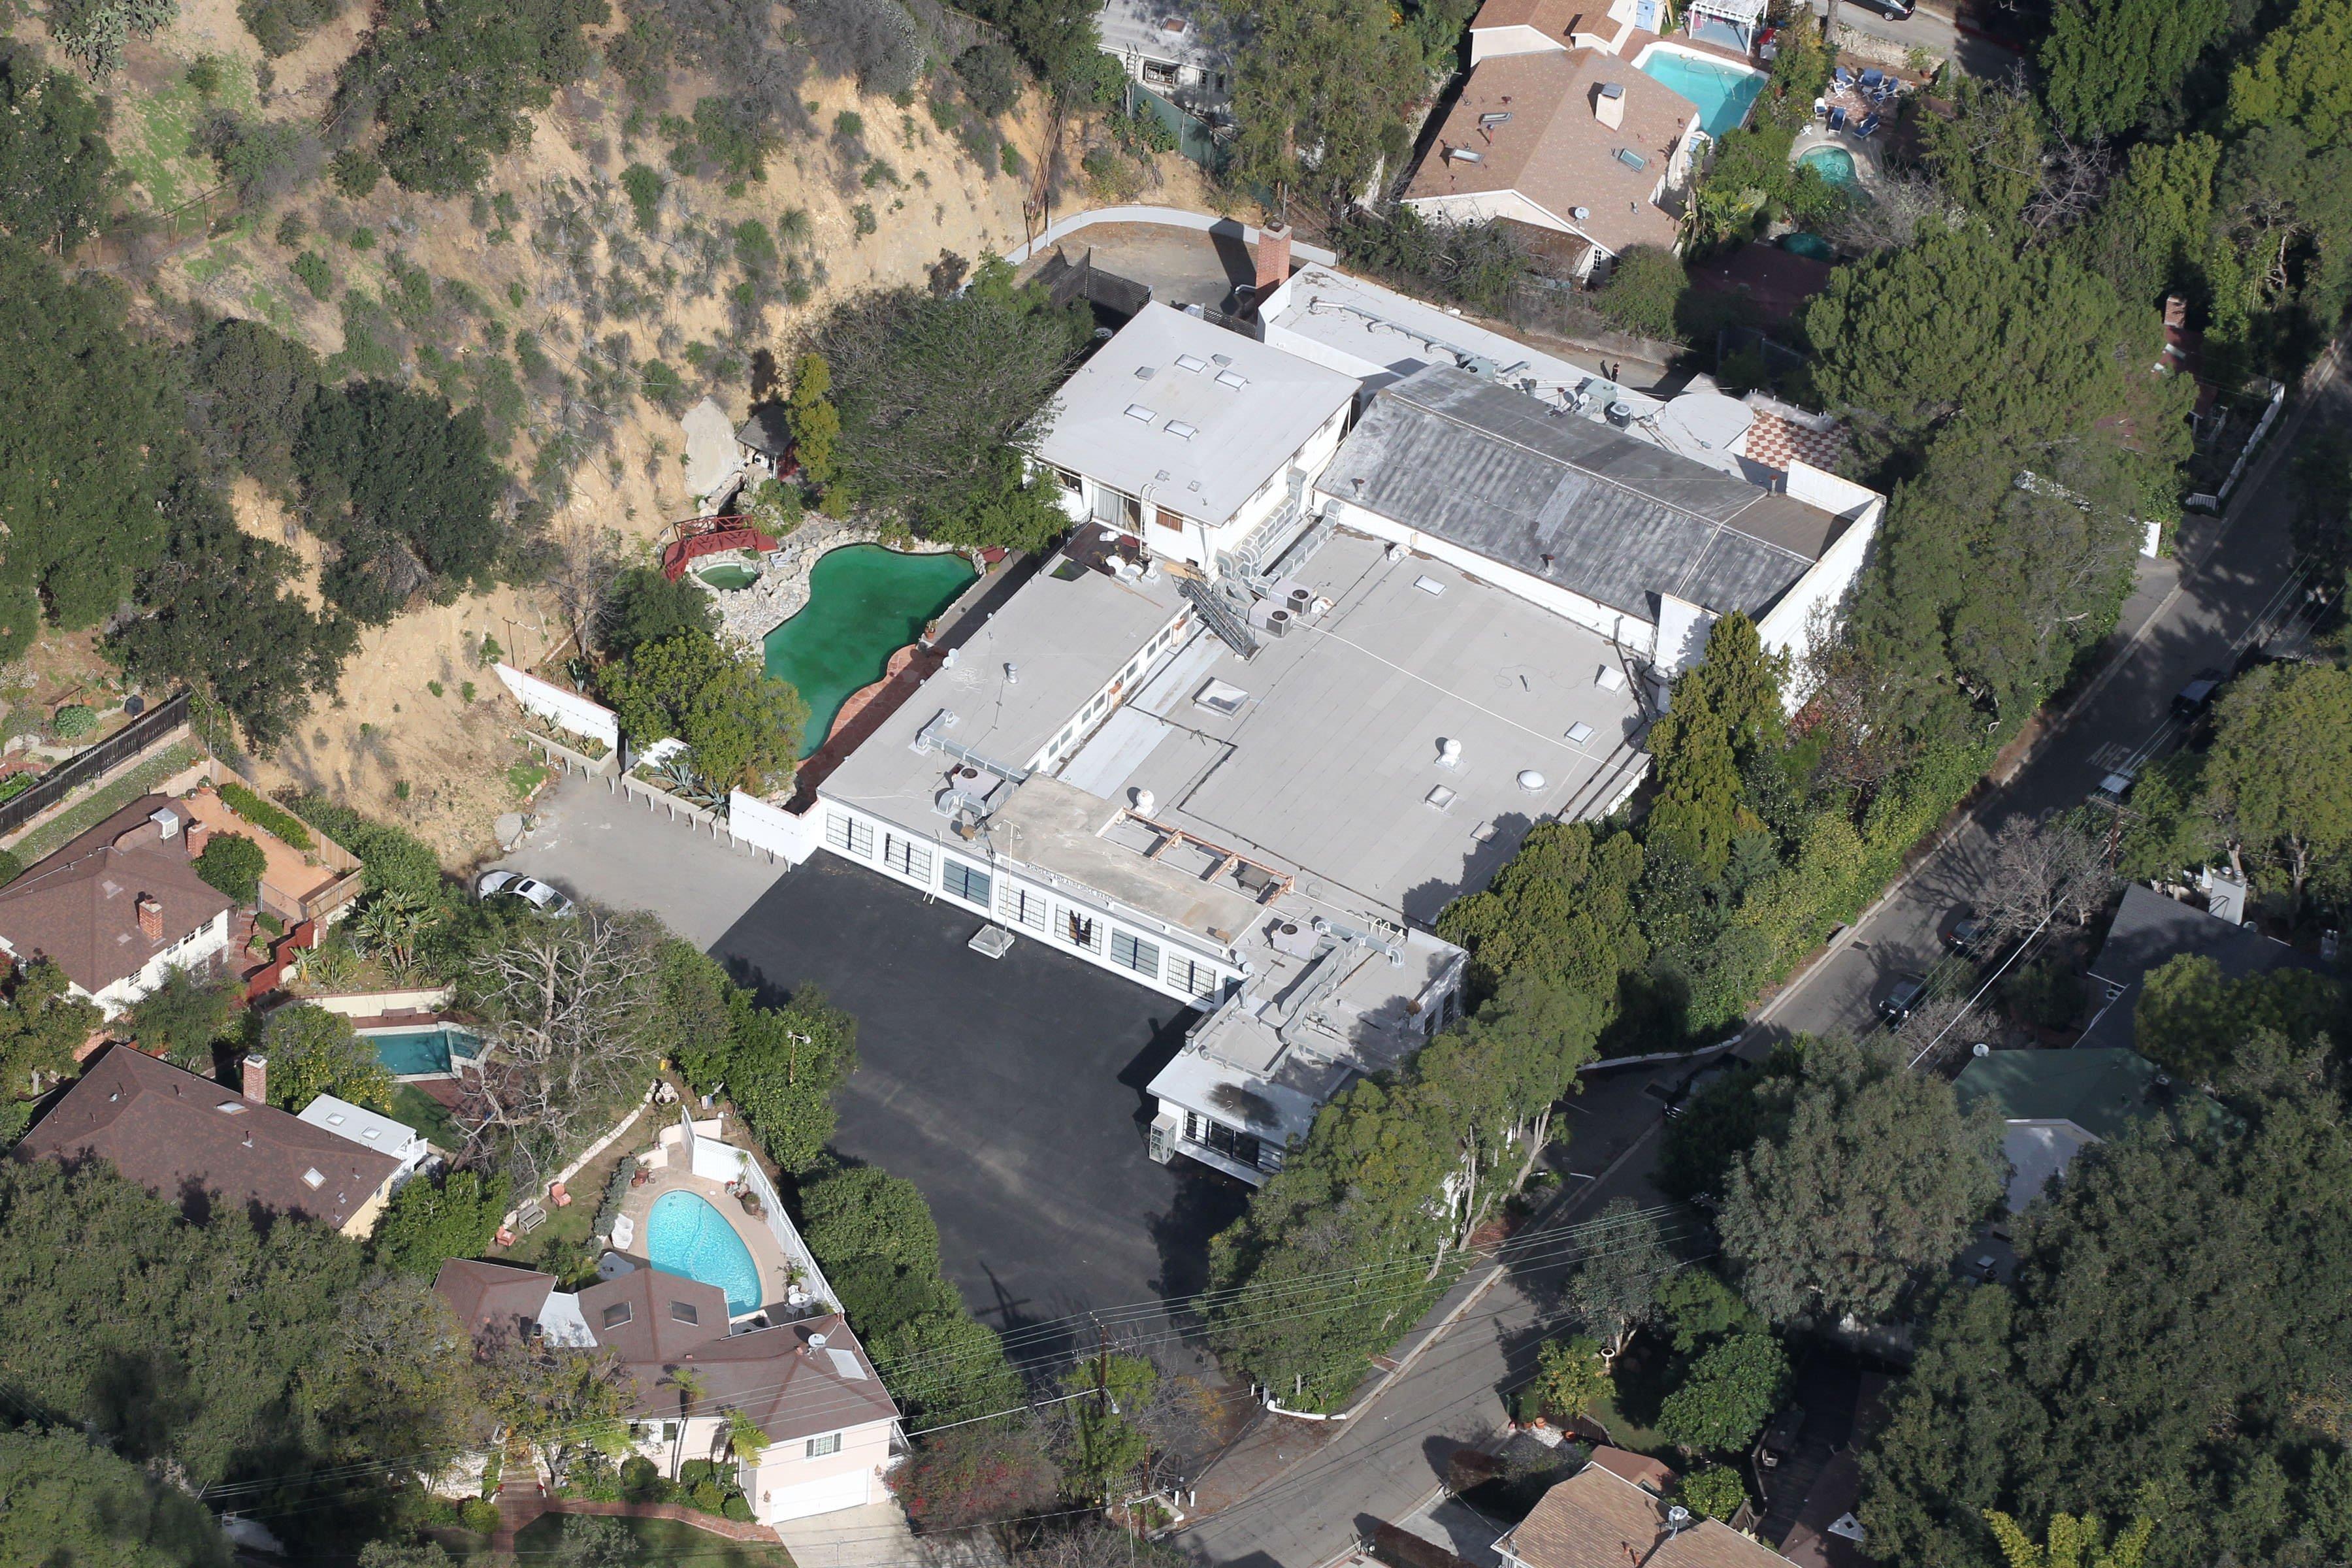 всегда думал, дом джареда лето в лос анджелесе фото всего возникают